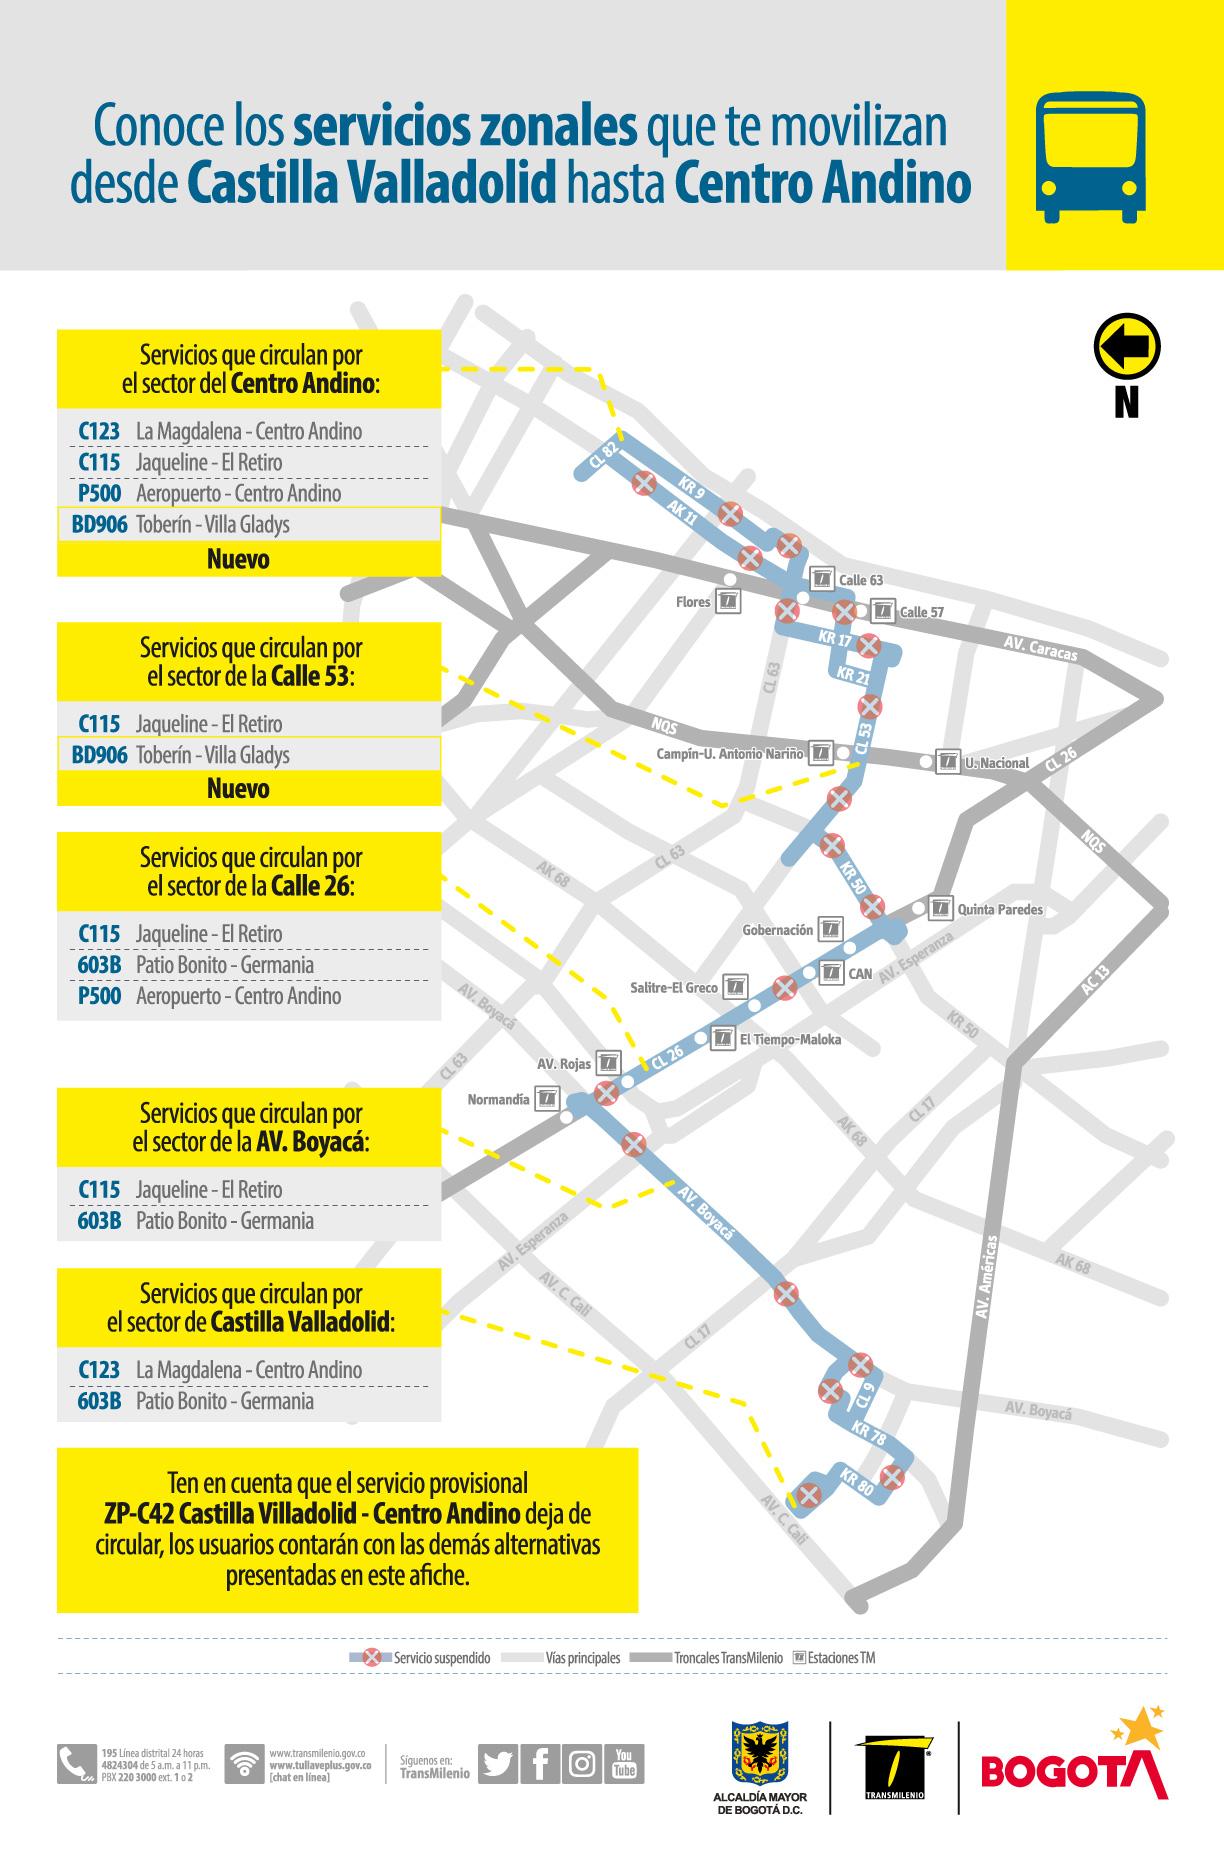 servicios zonales que te movilizan desde Castilla Valladolid hasta Centro Andino